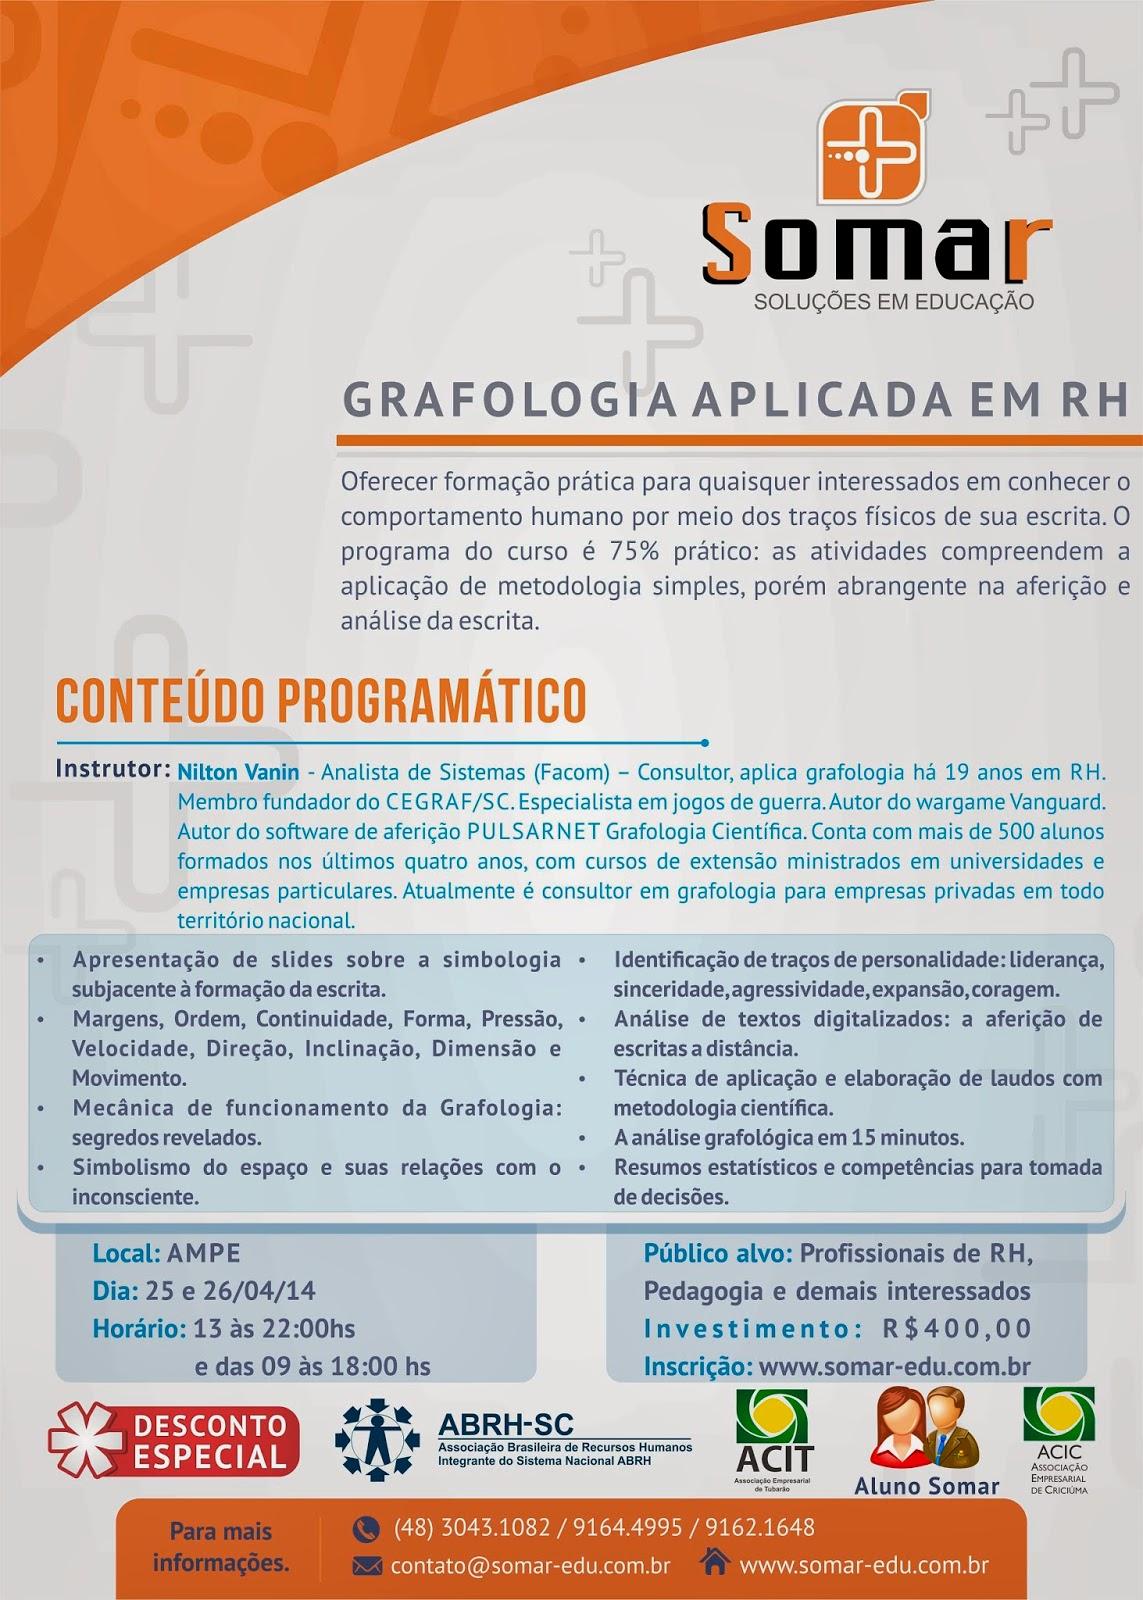 http://www.somar-edu.com.br/detalhe_curso/32/GRAFOLOGIA-APLICADA-EM-RH.html